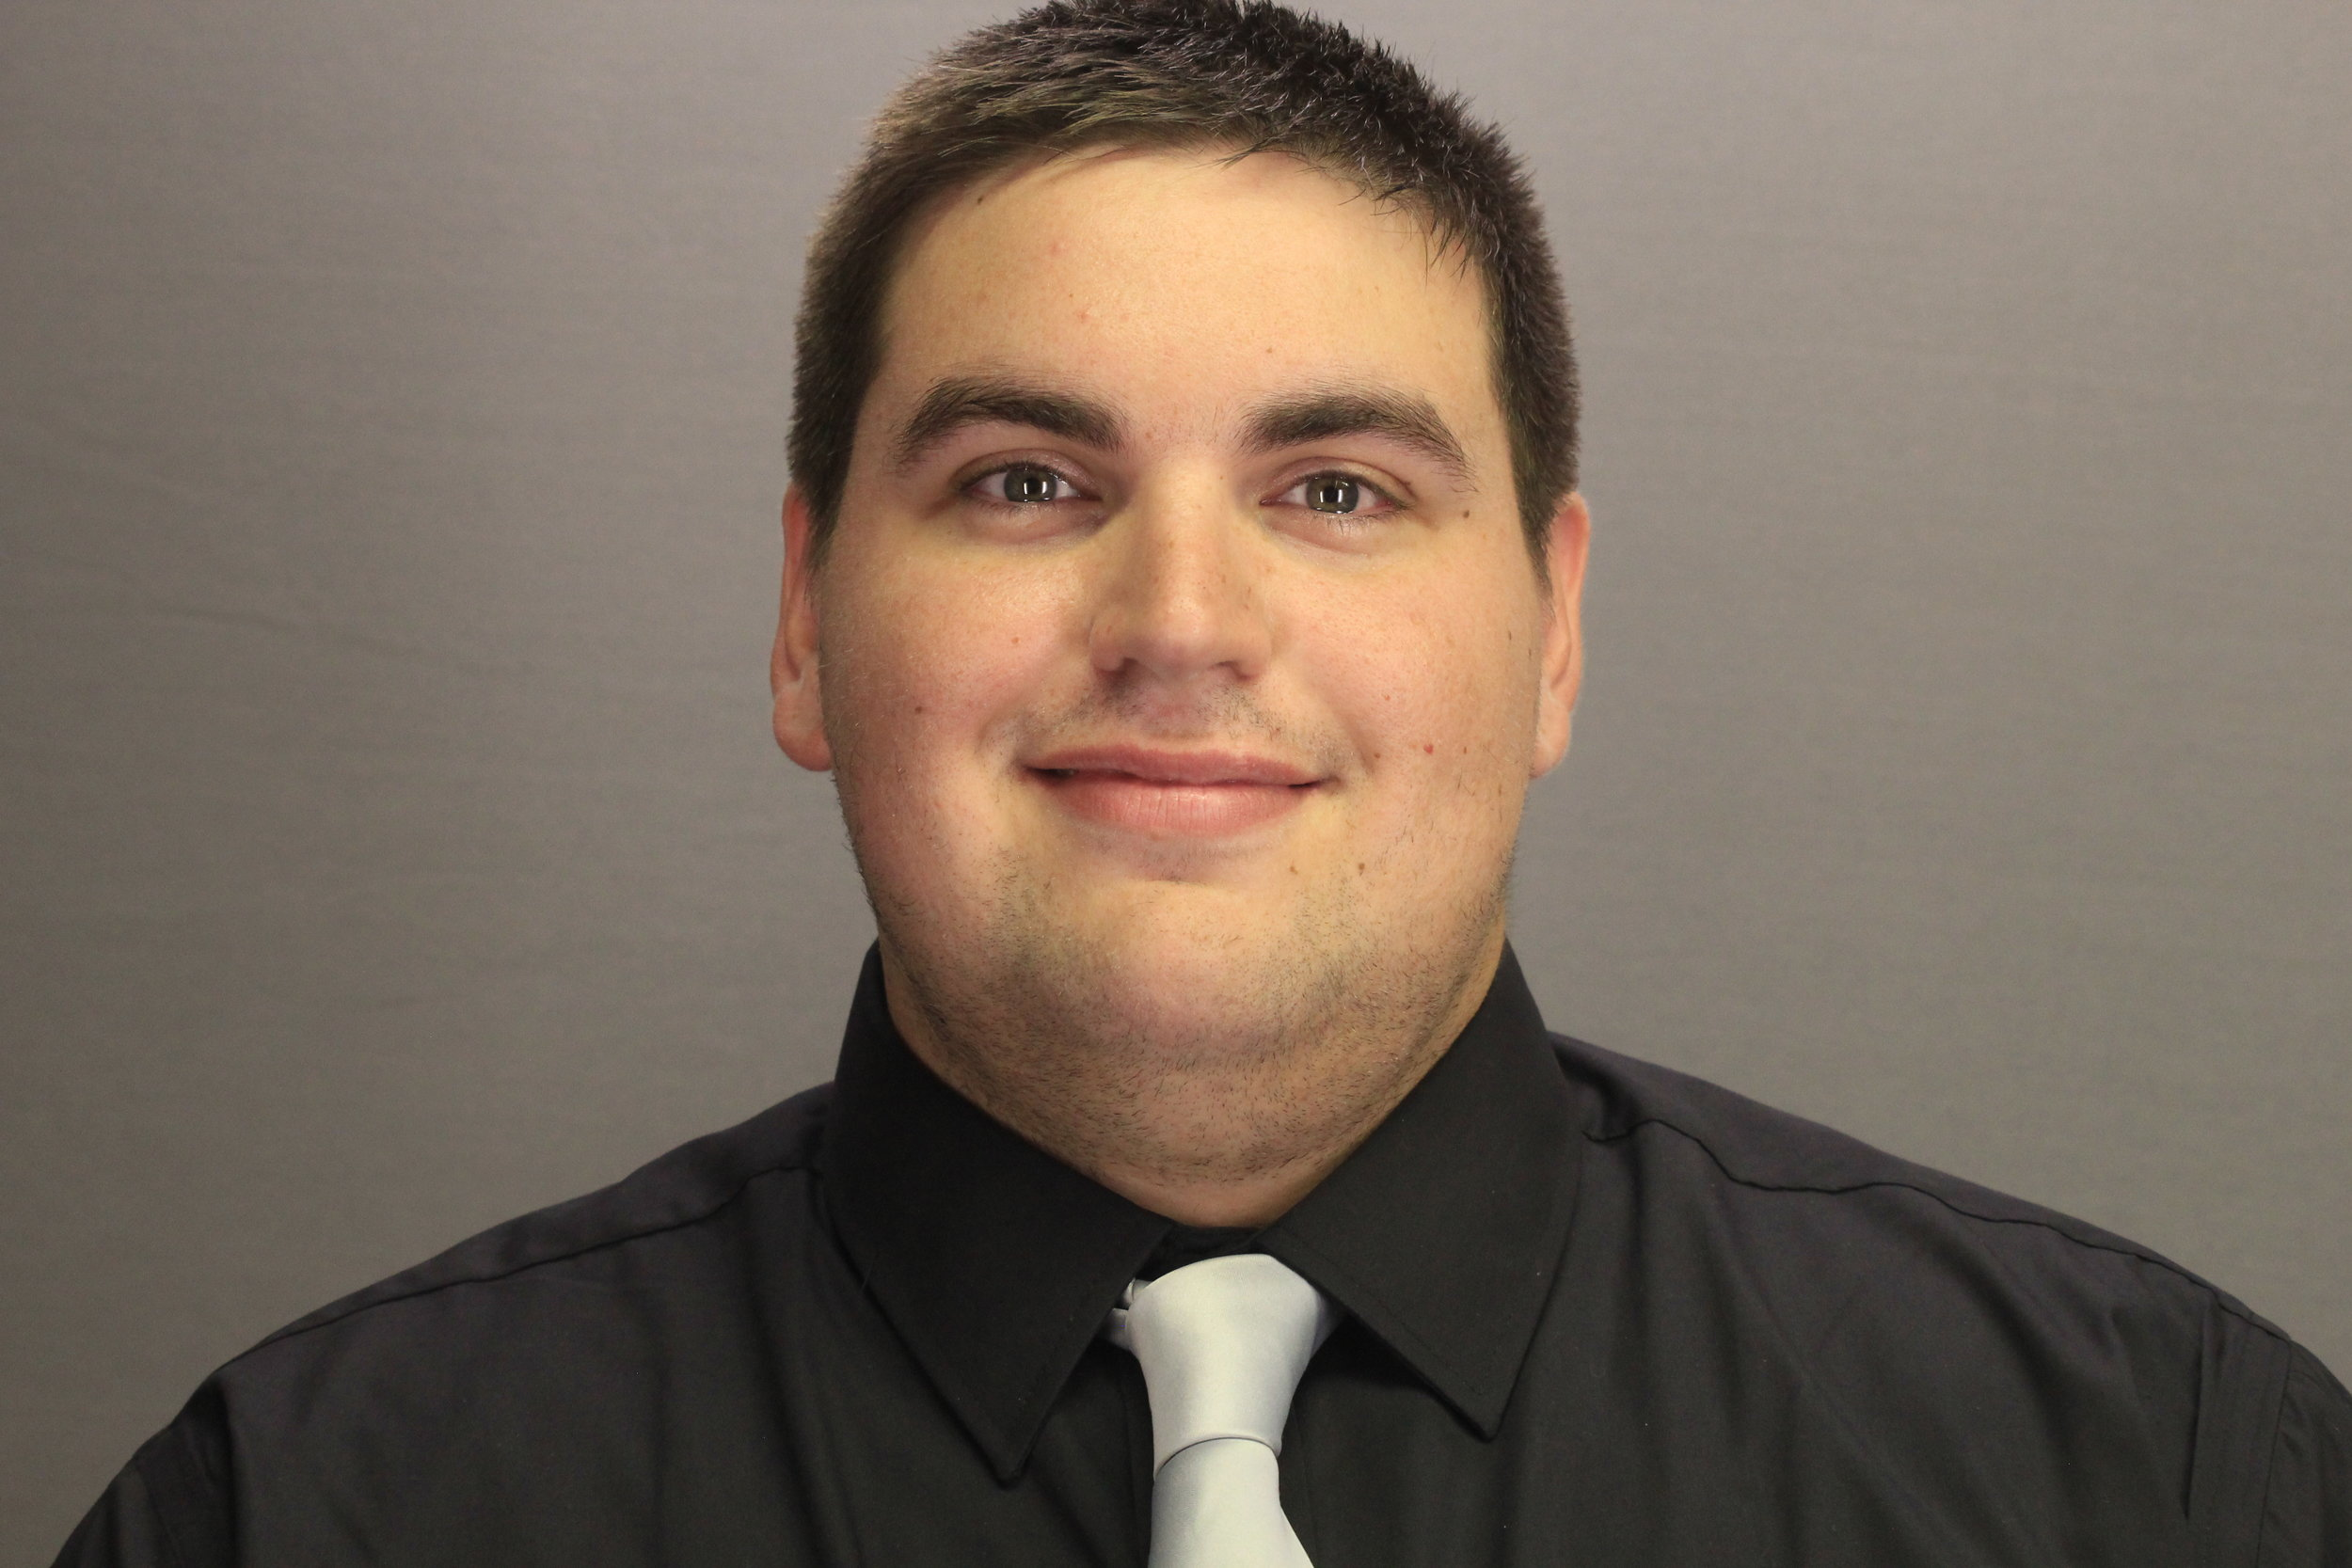 Owner & Lead Technician - Alex DiMichele